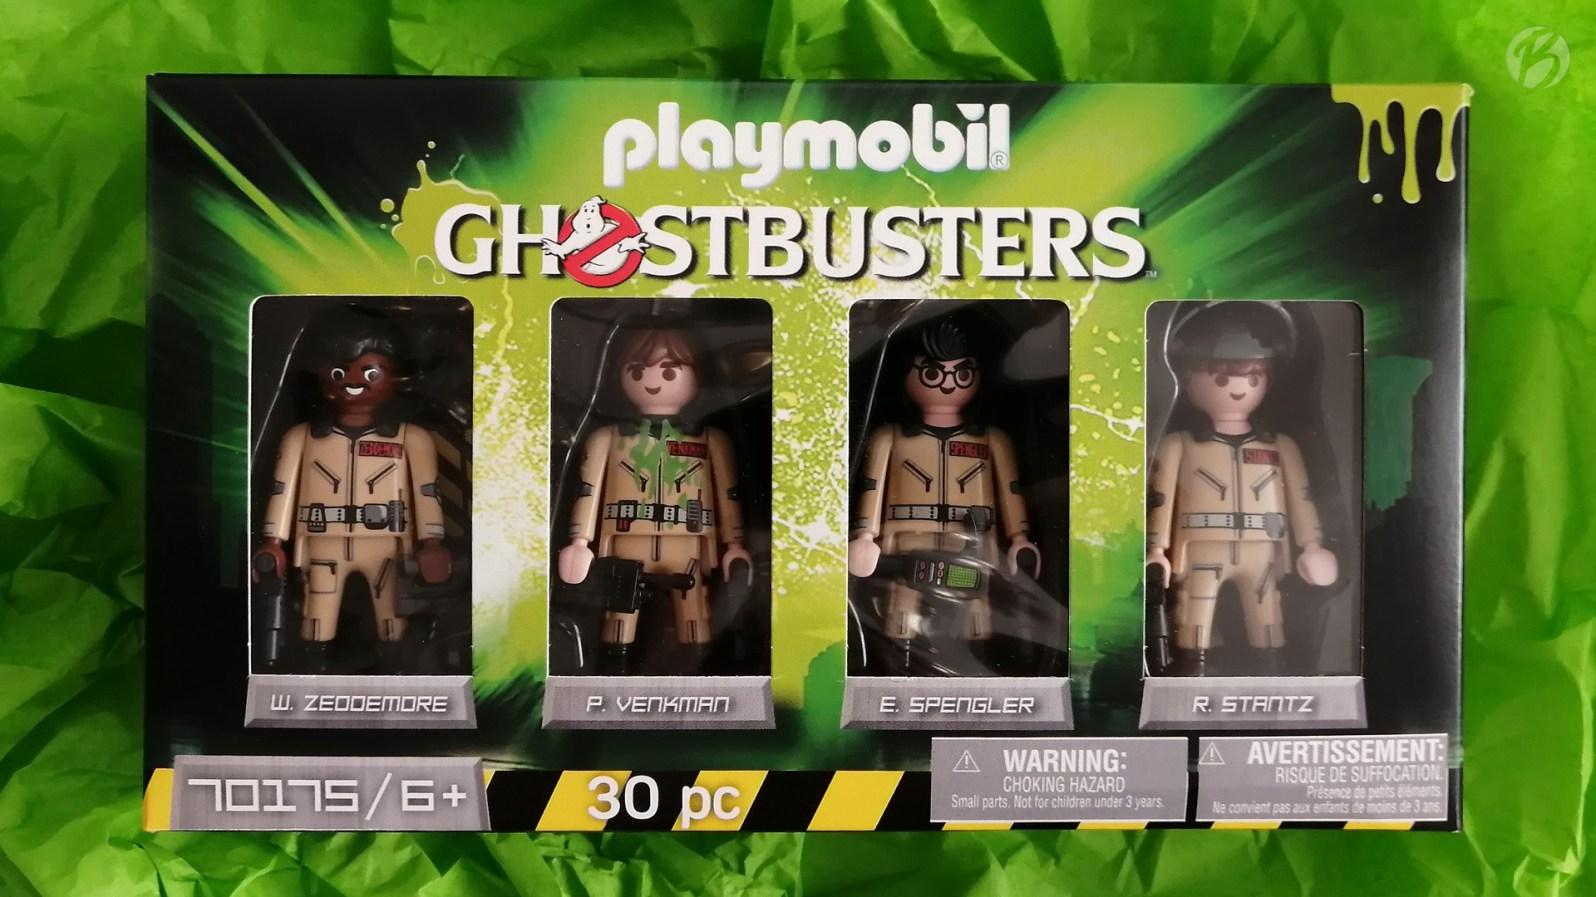 Dank dem neuen Ghostbusters-Figurenset von Playmobil, bekommt man jetzt auch die komplette Crew zum Ecto-1.